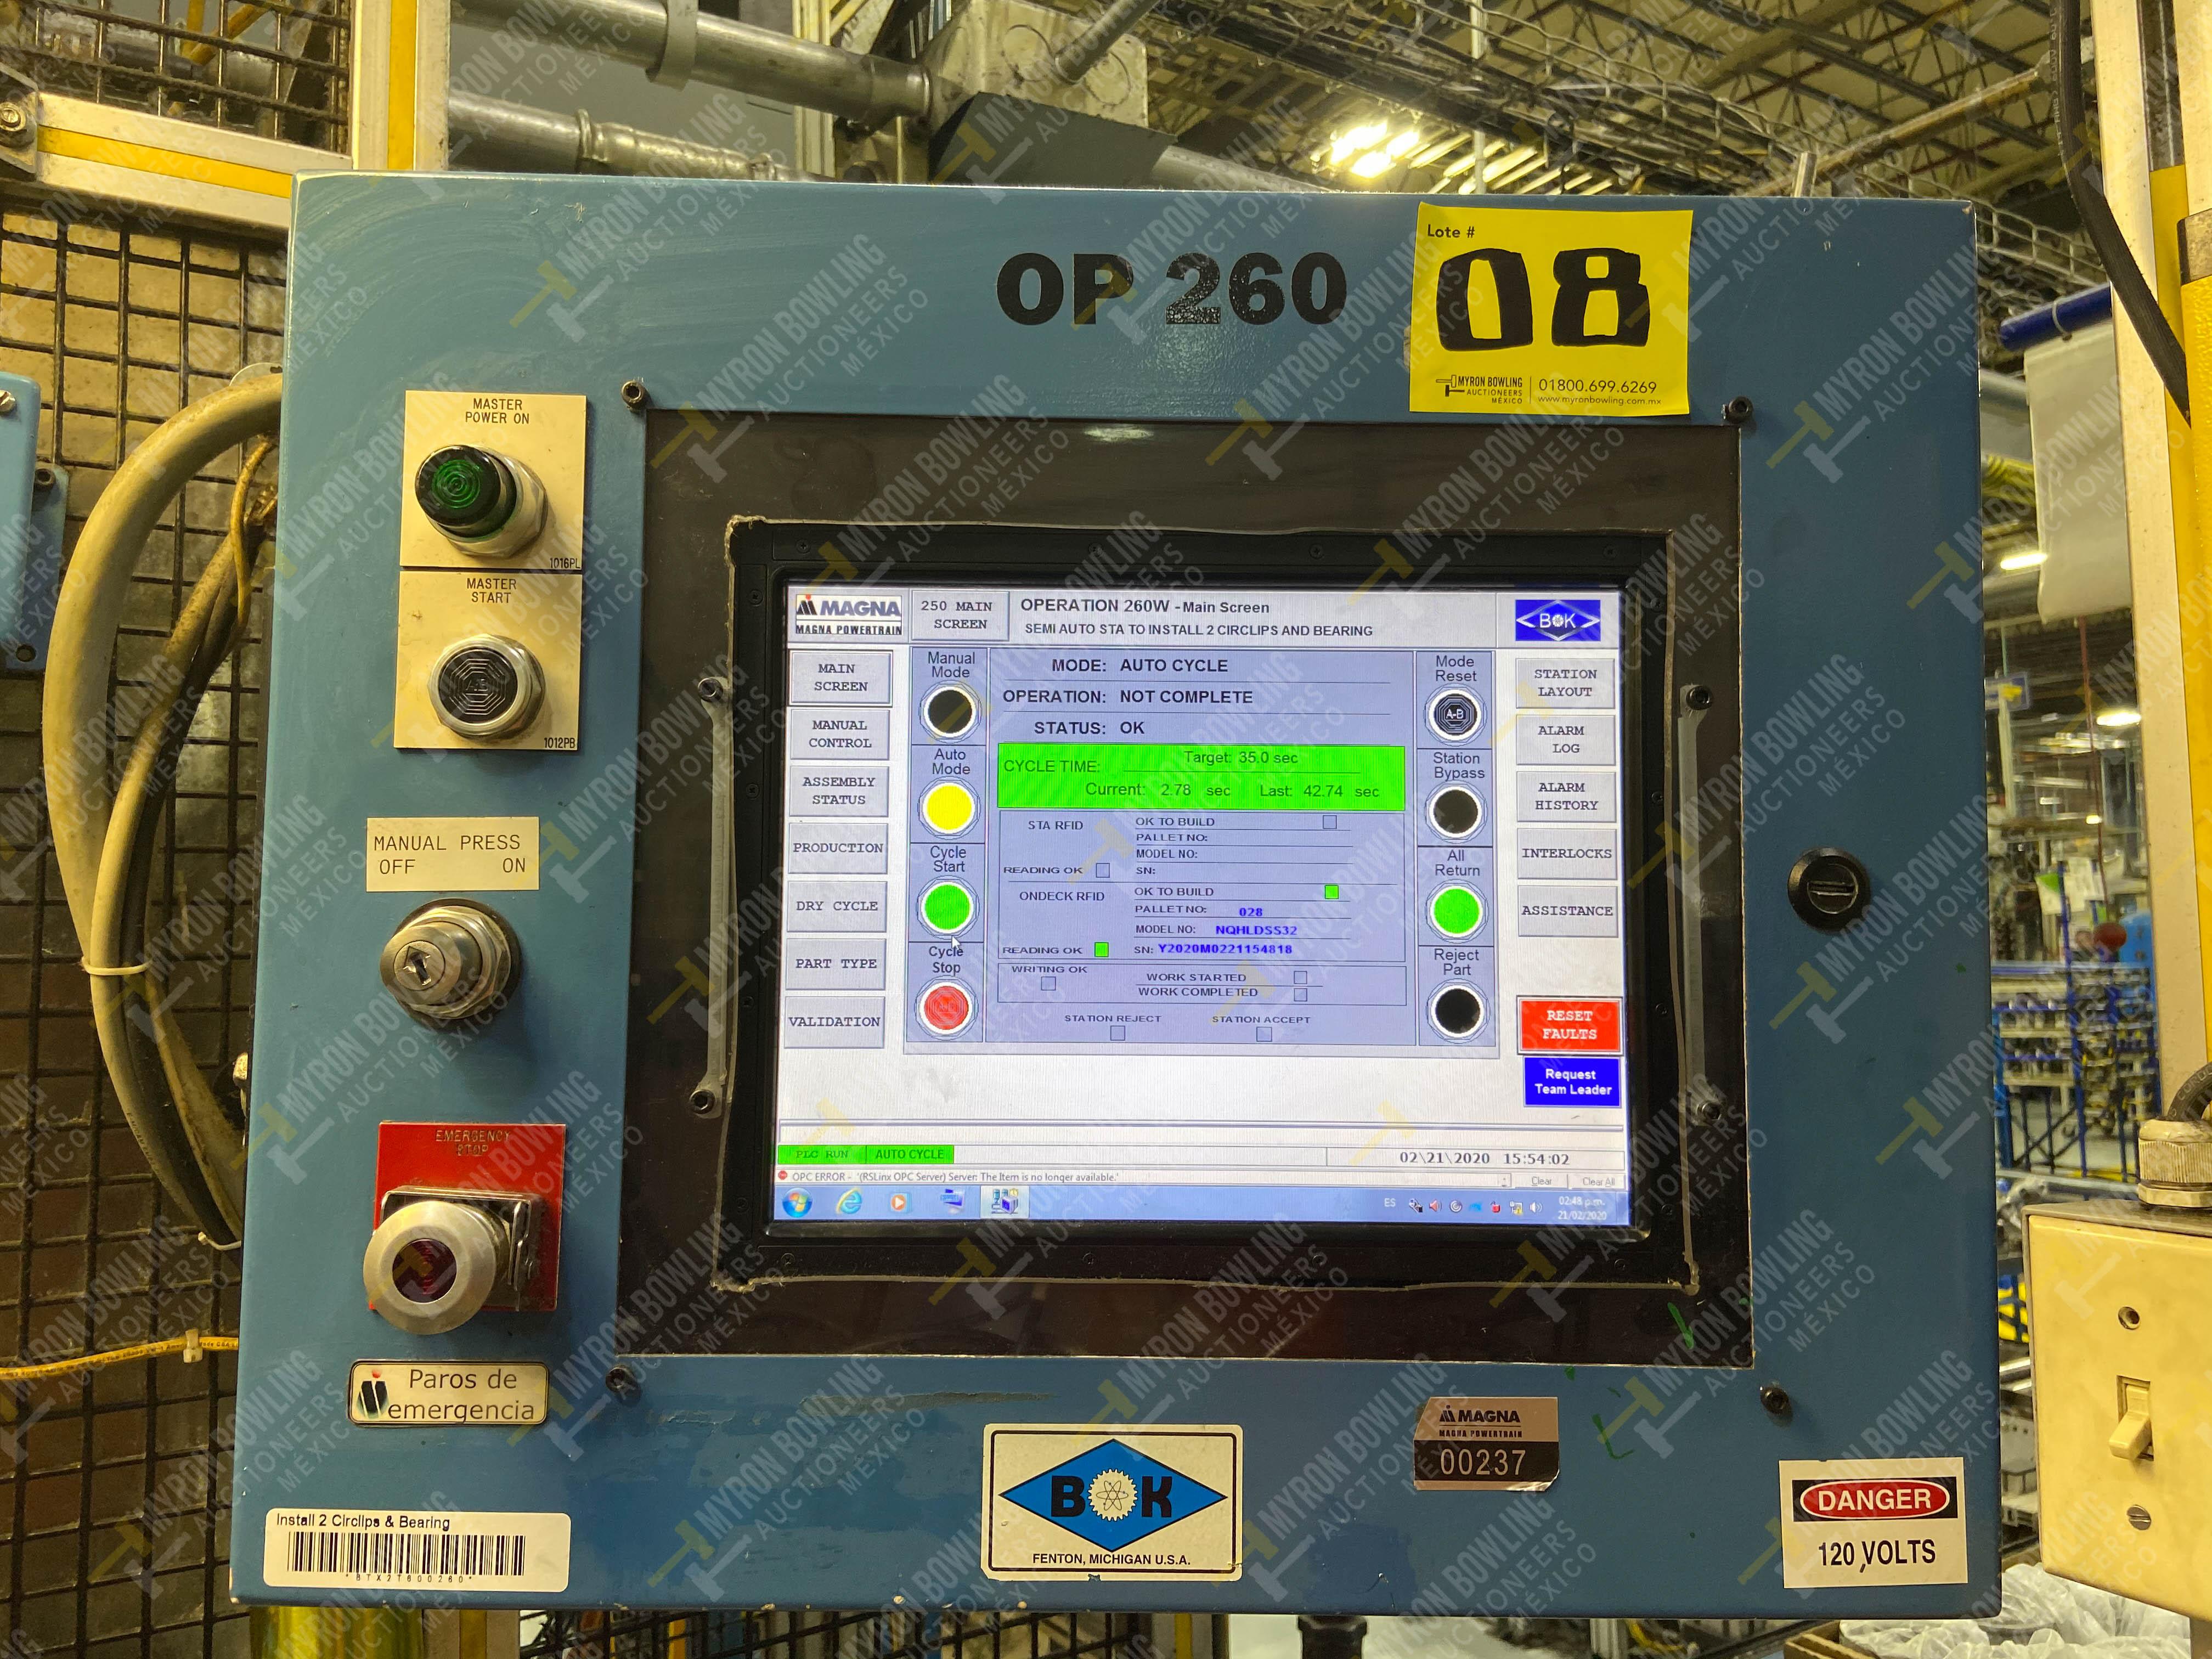 Estación semiautomática para operación 260 de ensamble - Image 18 of 20